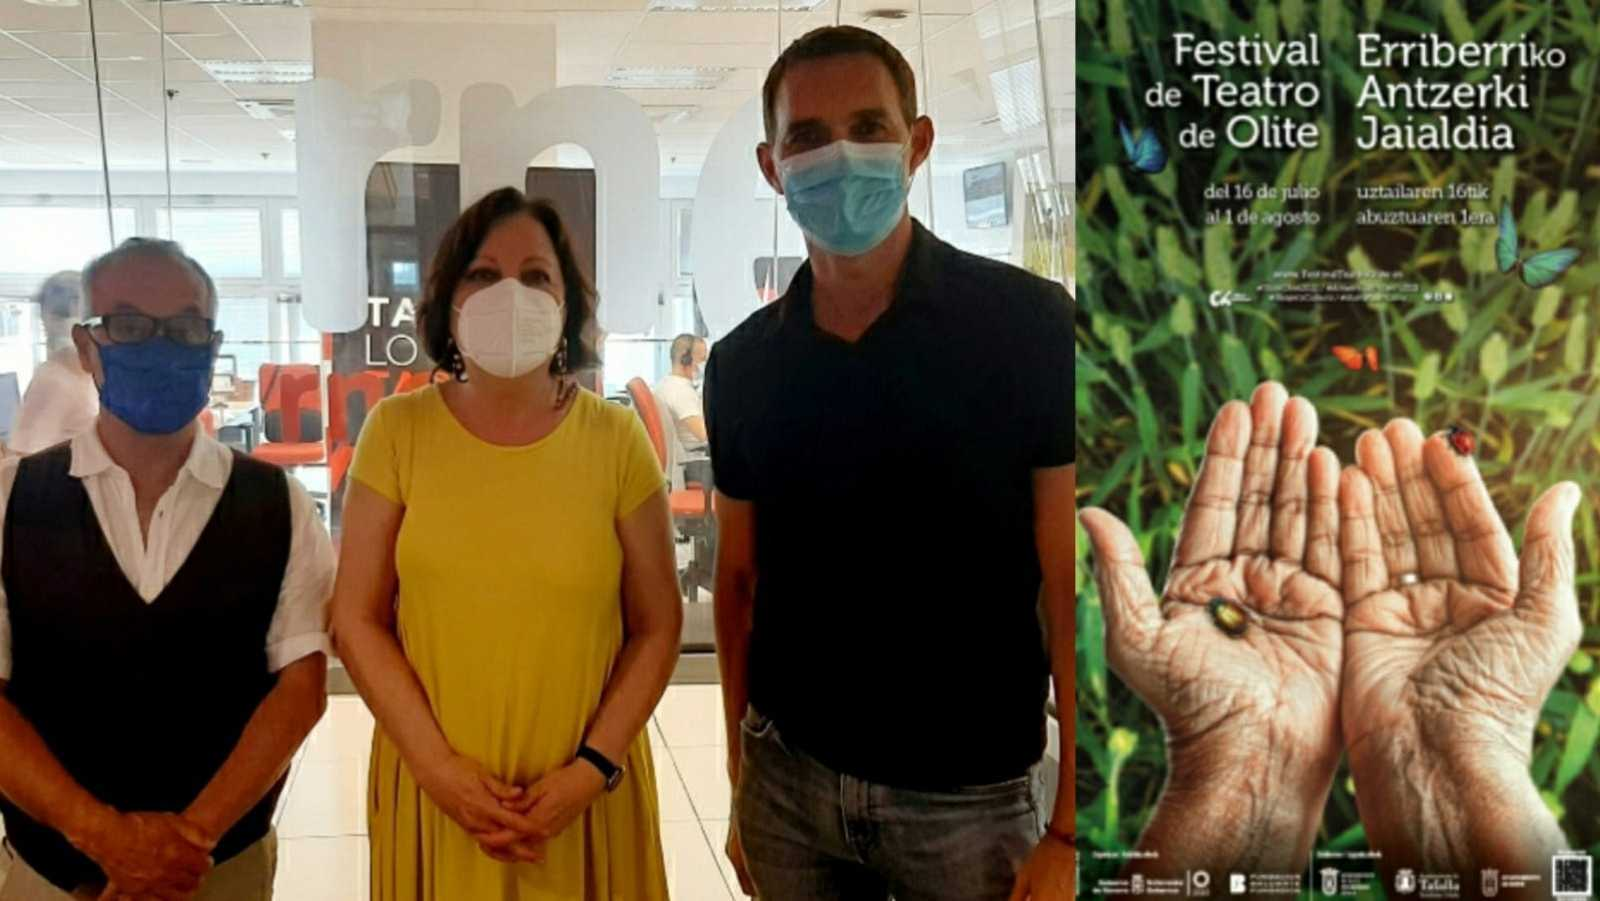 La sala - Festival de Olite: Luis Jiménez, Carmen Linares y Juan Carlos Rubio - 21/06/21 - Escuchar ahora